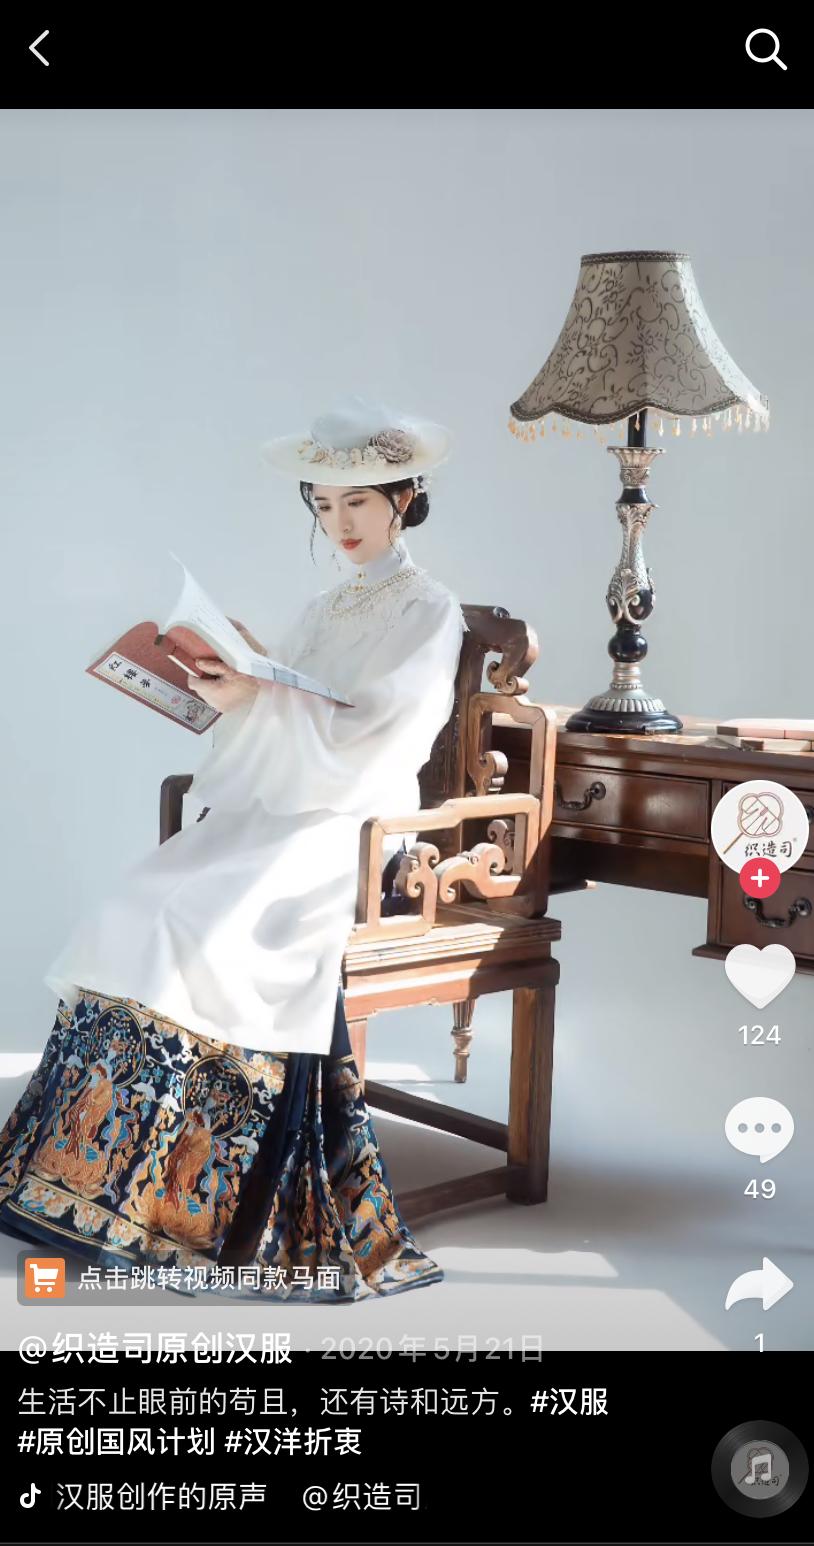 (林威)织造司买汉服抖音店进军大妈市场:穿着去女儿婚礼和跳广场舞